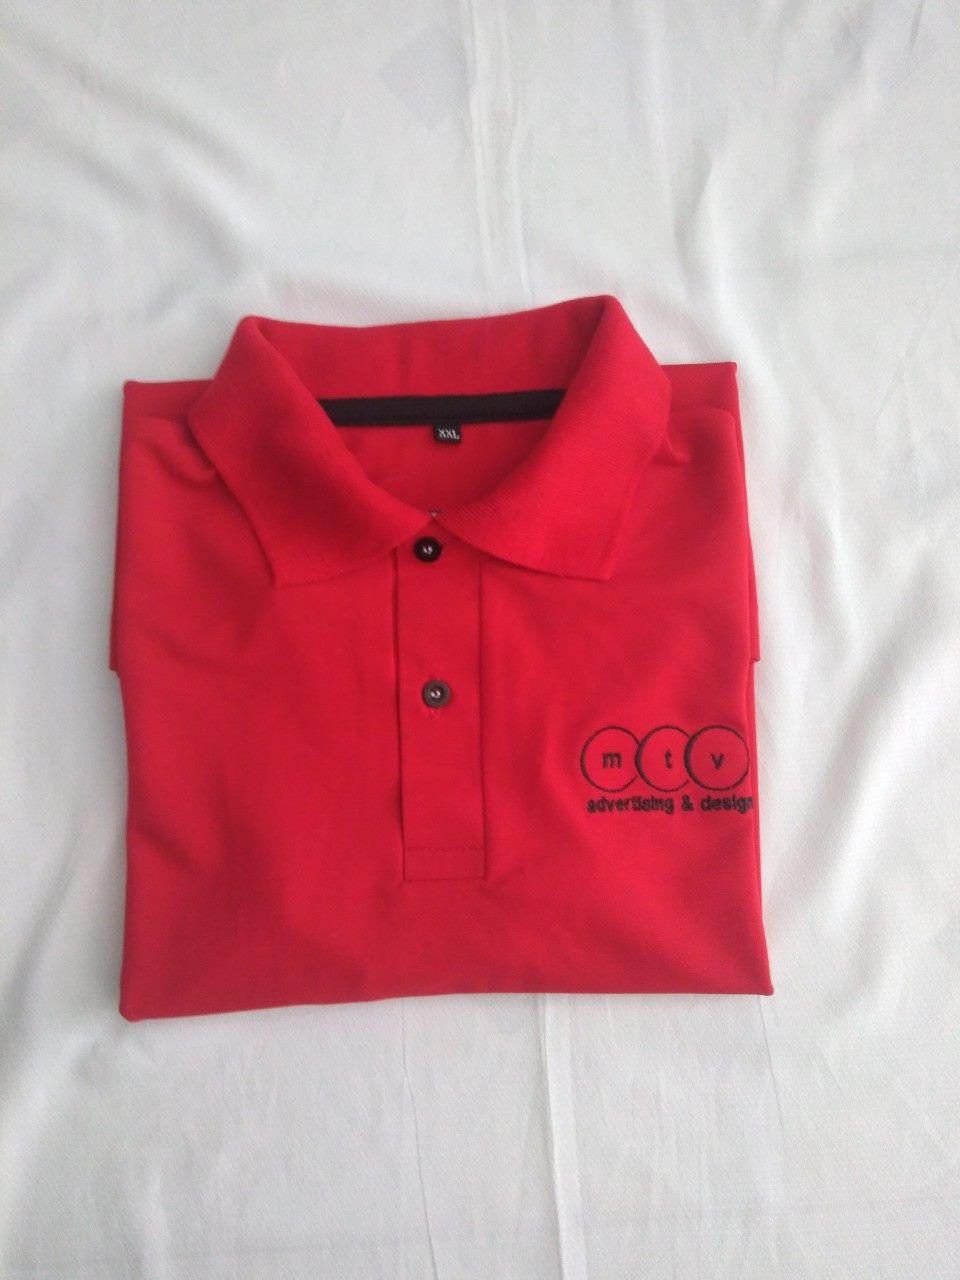 Thành phẩm may áo thun đồng phục được xếp gọn trước khi đóng bao bì giao khách hàng